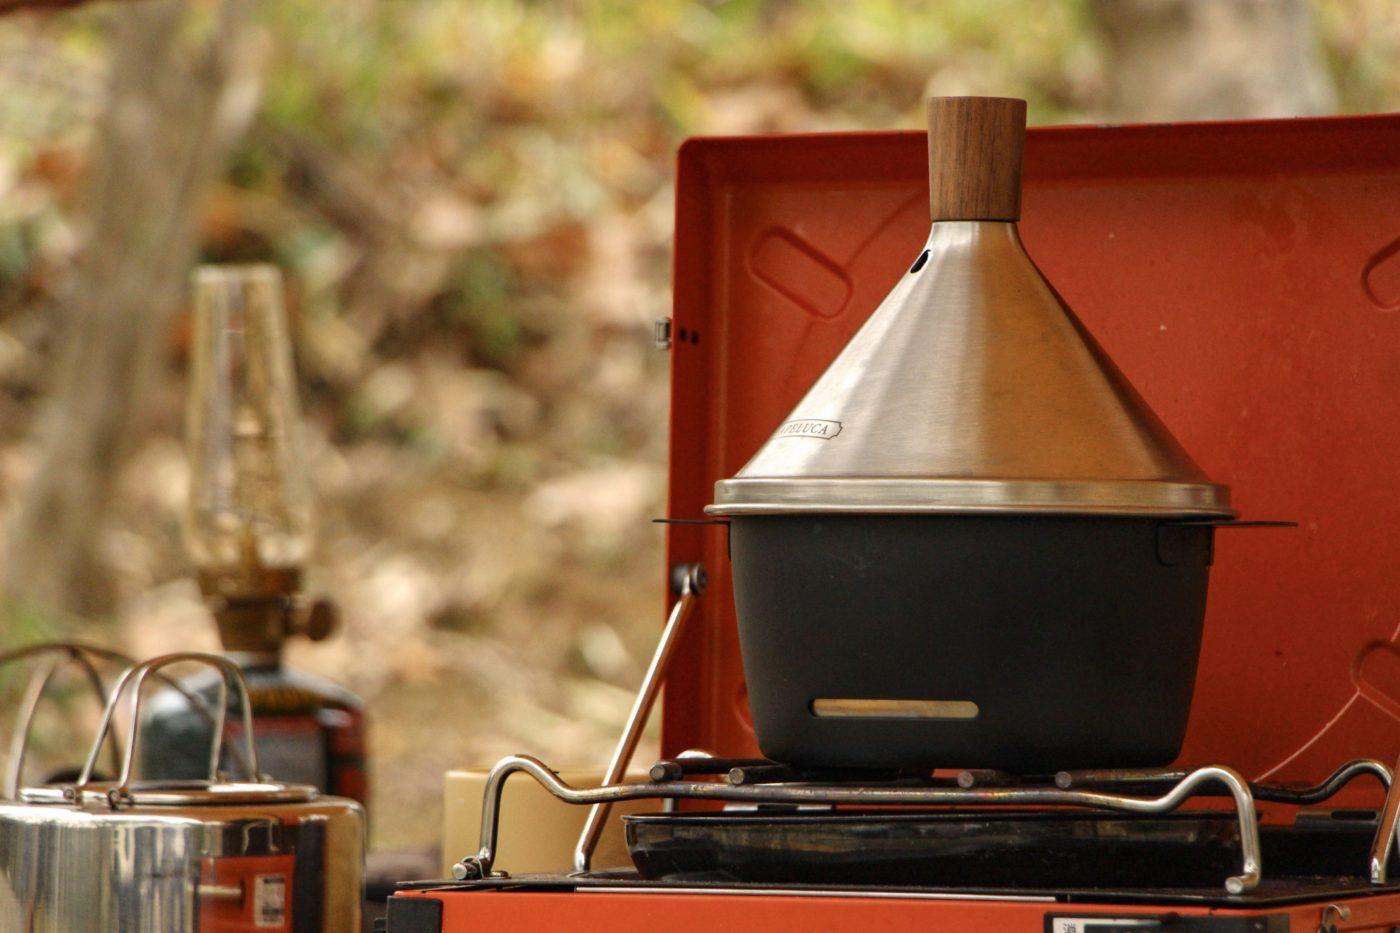 【レビュー】アペルカのテーブルトップスモーカーは家でもキャンプ場でも、ちょっと燻製したい時に便利な燻製器